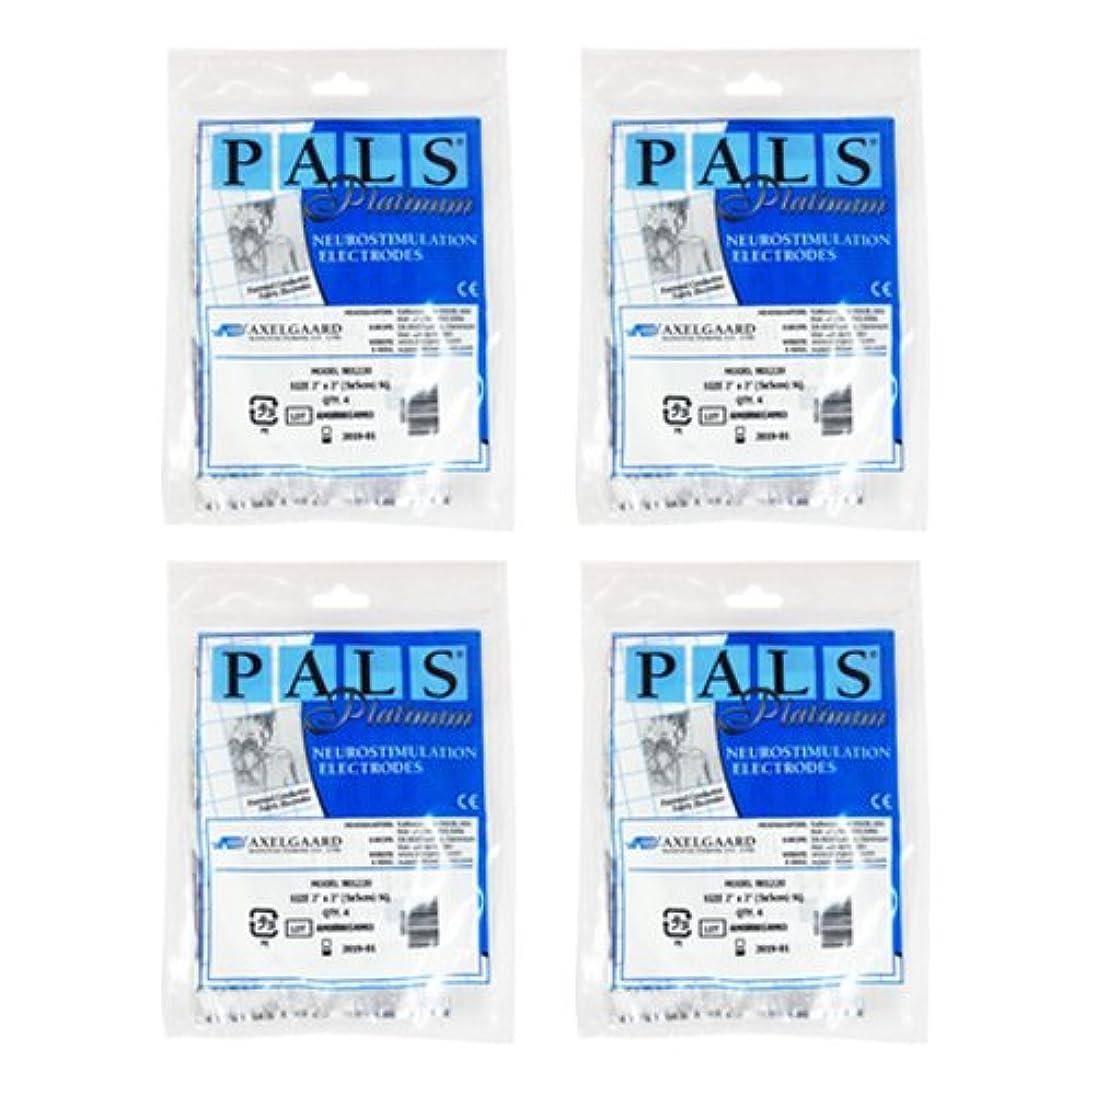 一貫した防止認証敏感肌用アクセルガード ブルー Mサイズ × 4セット 【EMS用粘着パッド】